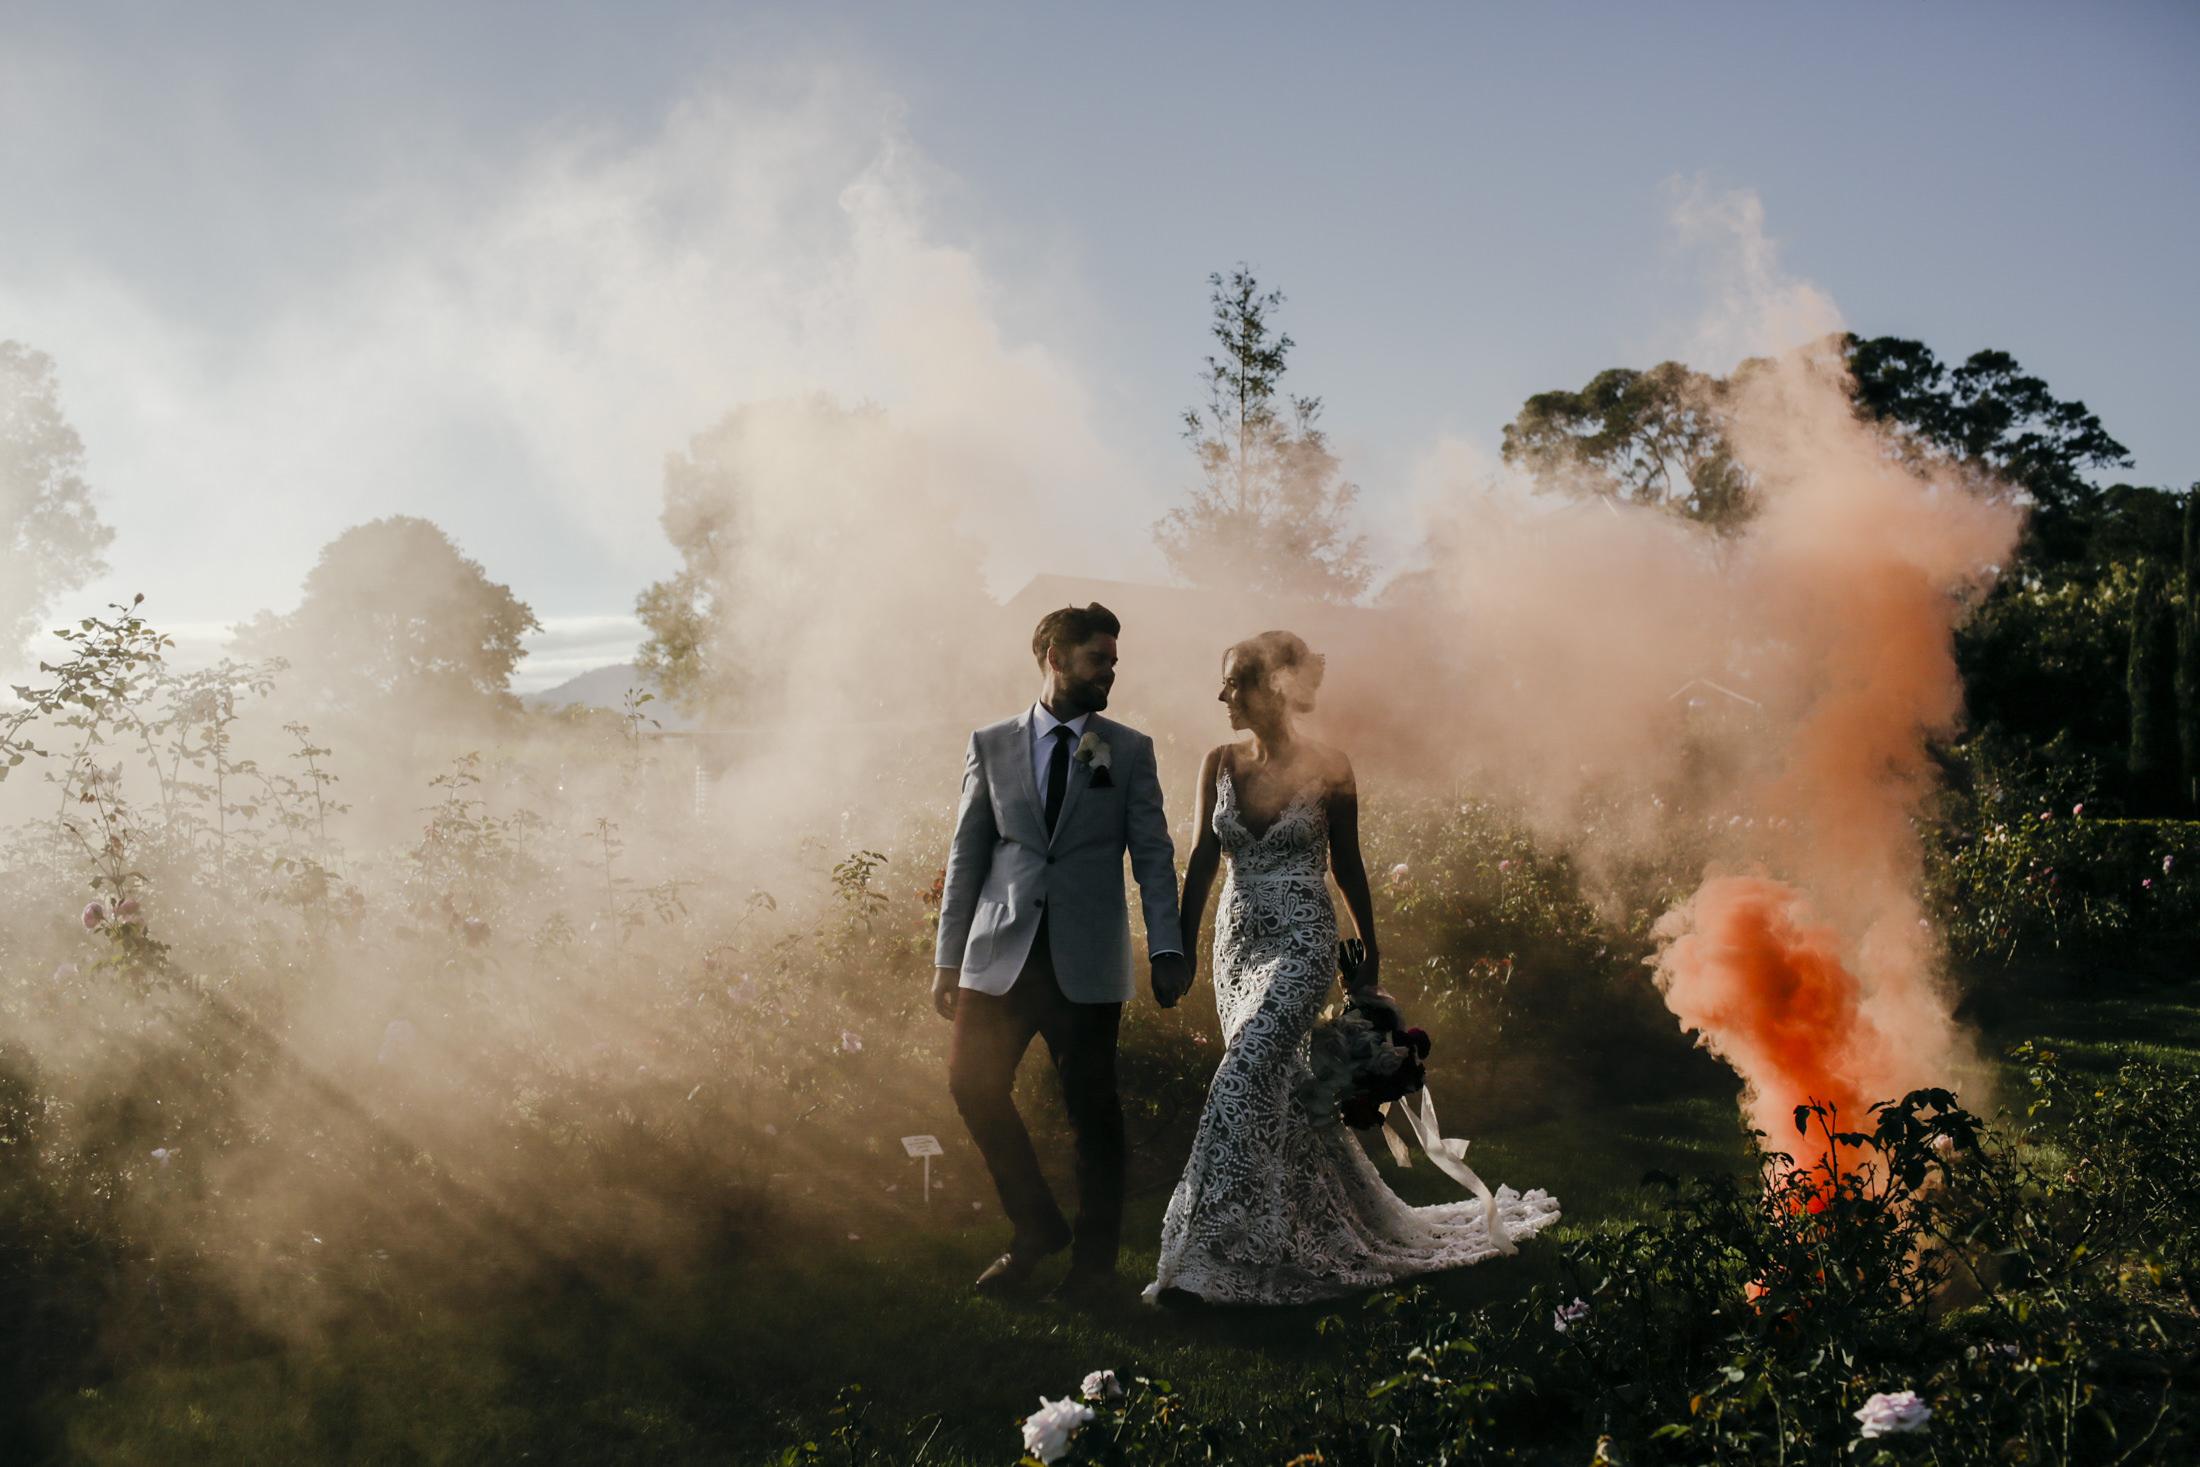 Amelia + Jono Secret garden Wedding Merribee Smoke